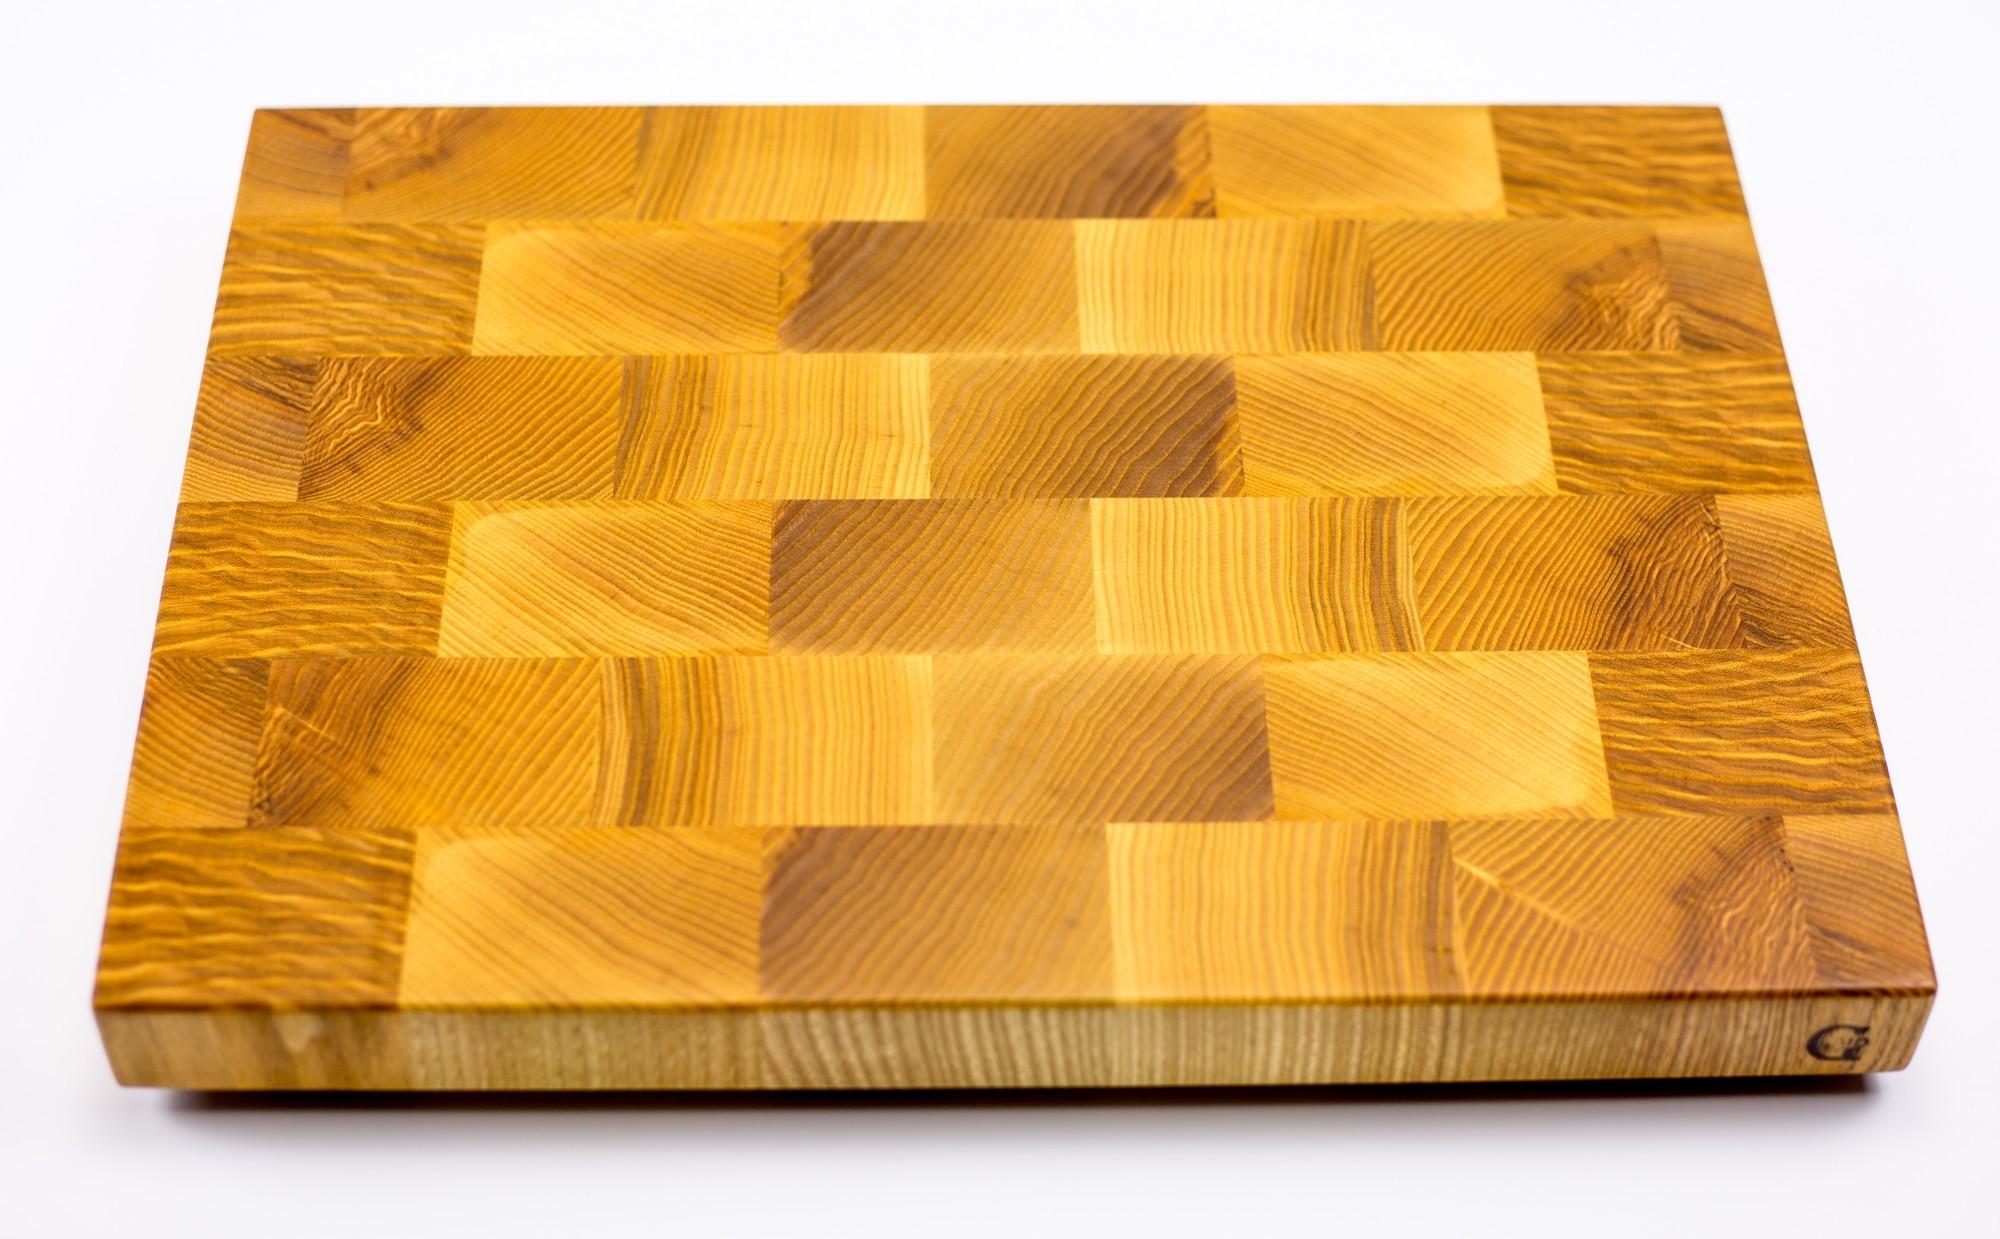 Доска разделочная торцевая, ясень, 27х37х3 см доска торцевая 2000х50х10 мм oak дуб